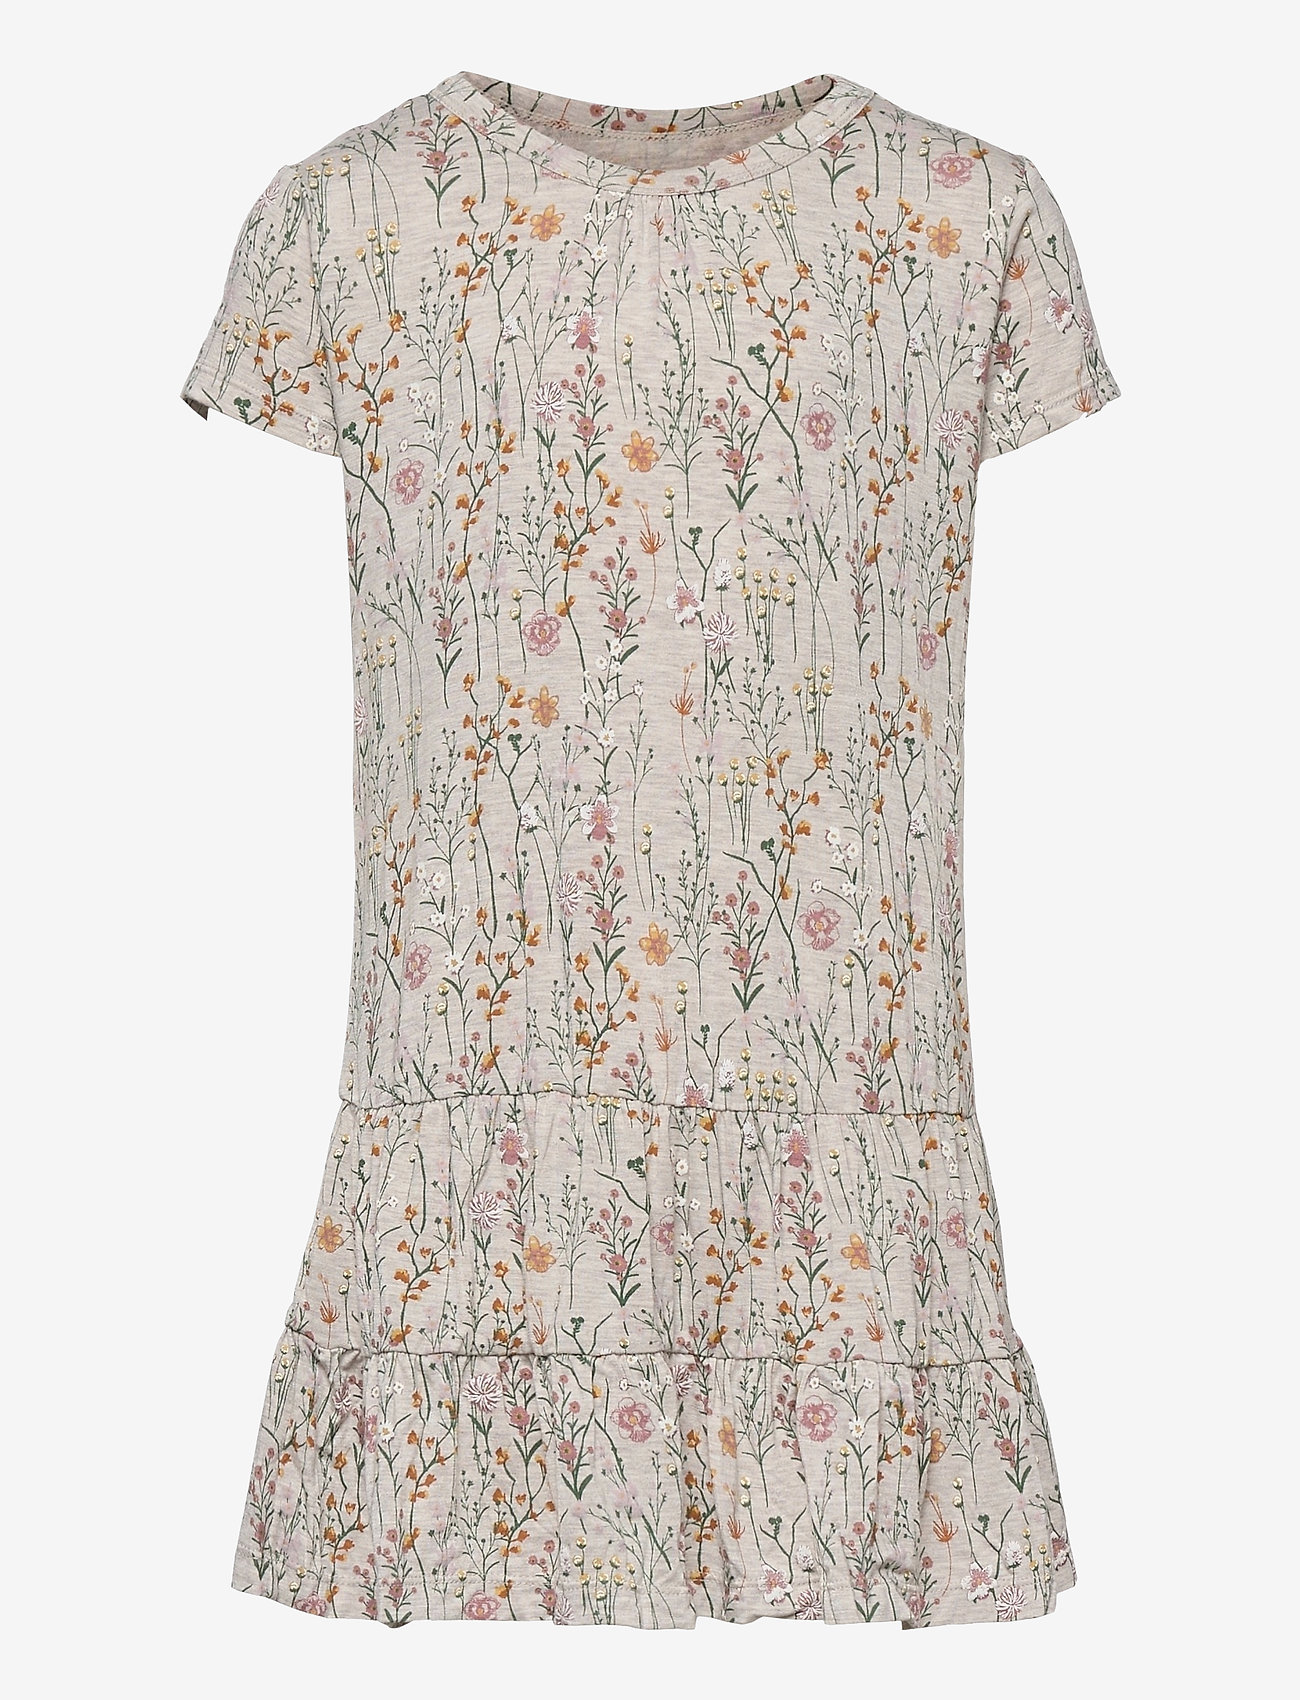 Hust & Claire - Fuia - Nightwear - kleider - wheat - 0